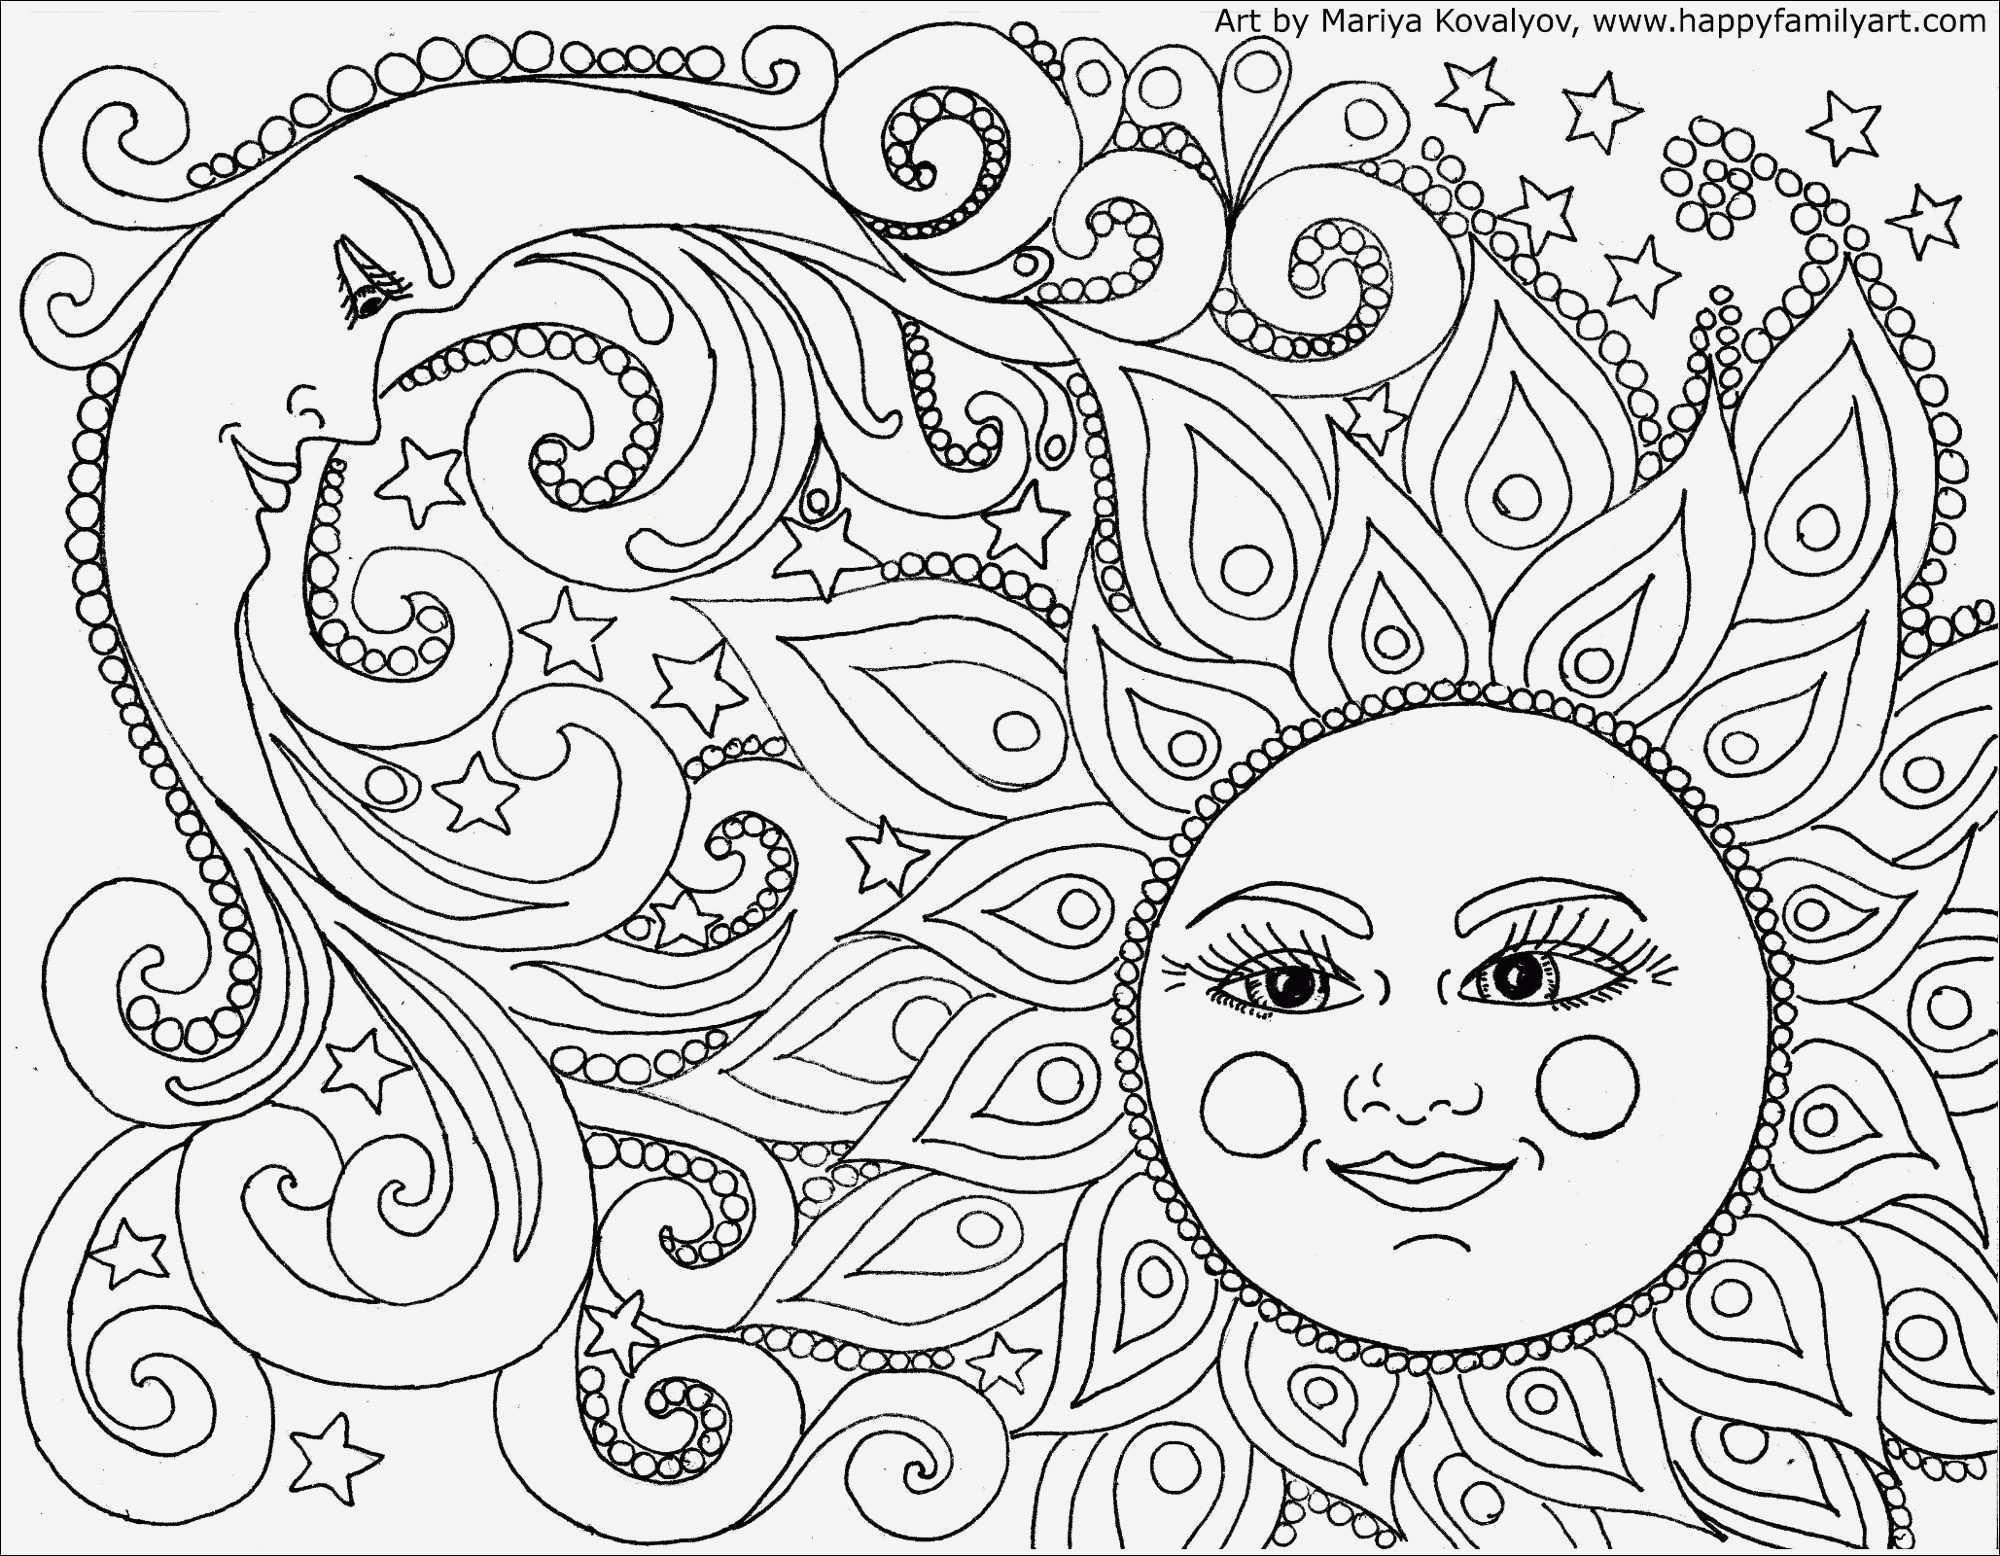 Mia and Me Coloring Pages Einzigartig Mia and Me Ausmalbilder Zum Drucken Fotos Malvorlagen Igel Frisch Sammlung